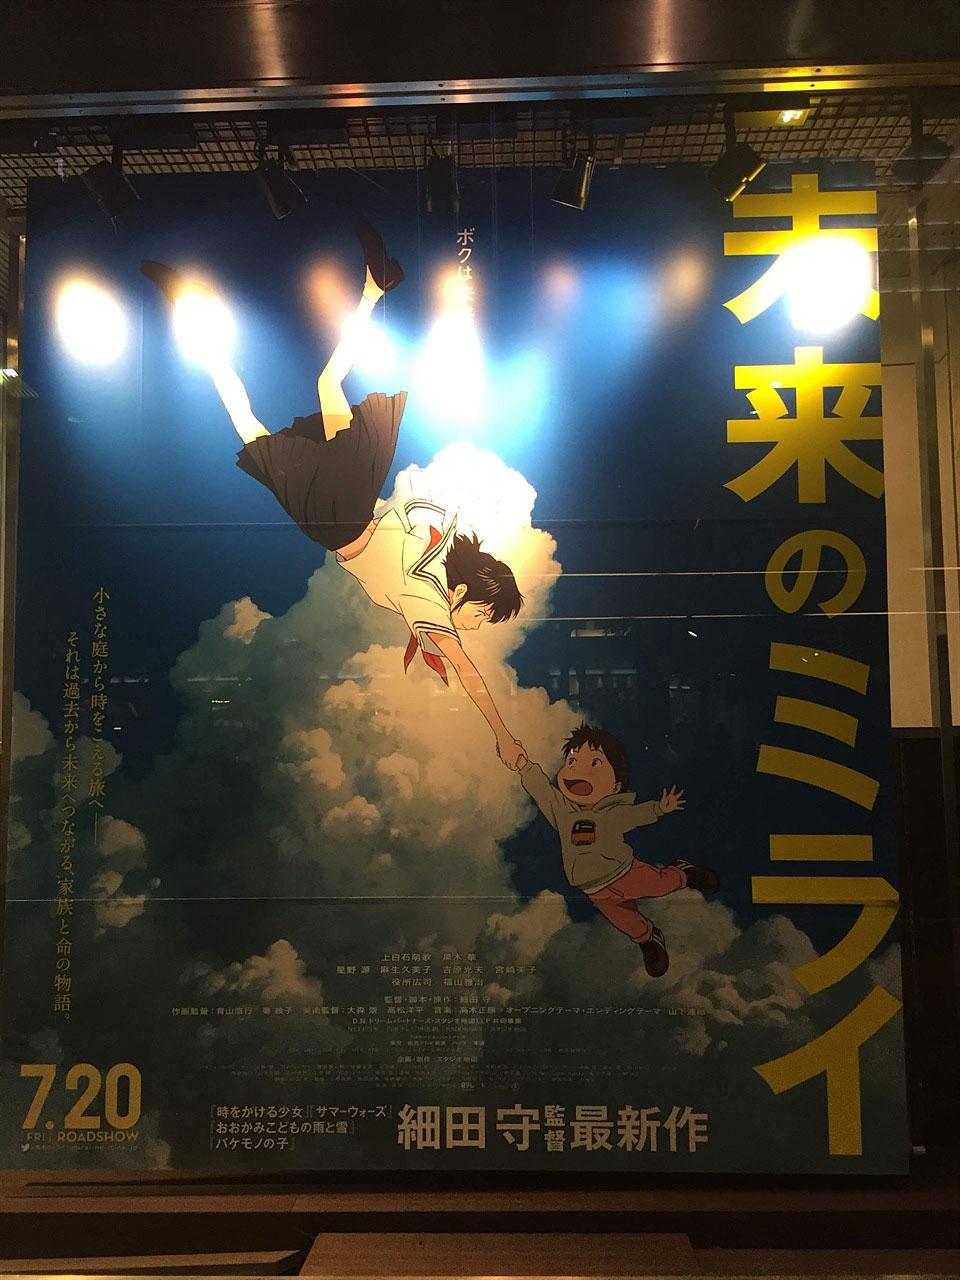 후쿠오카에서 만난 포스터 작년 8월이었어요. 후쿠오카 거리에서 <미래의 미라이> 포스터를 만났습니다. <시간을 달리는 소녀>가 떠올랐고, 정말 오래 기다렸어요!